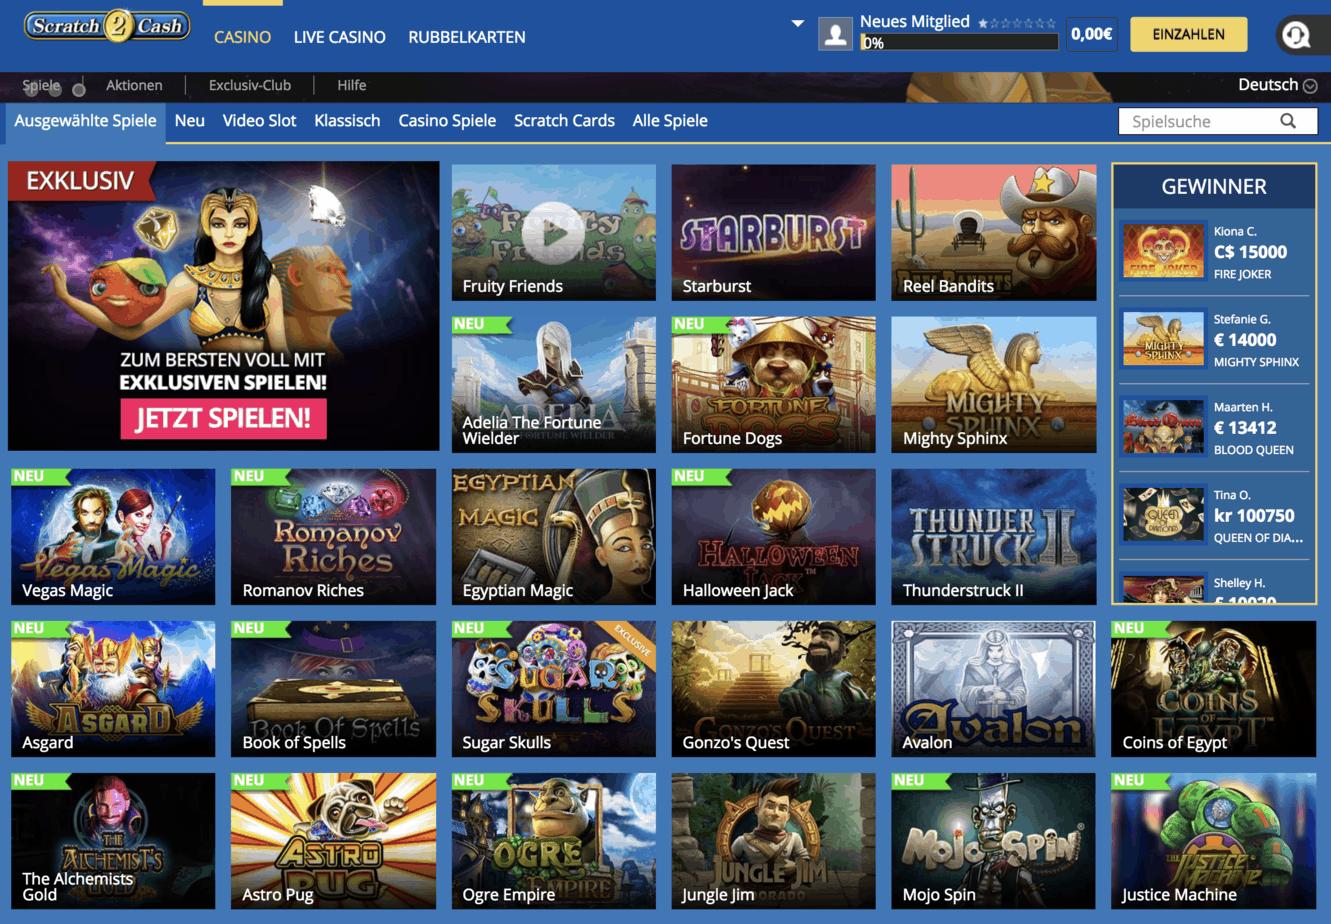 Scratch2Cash Casino Game Lobby Screenshot